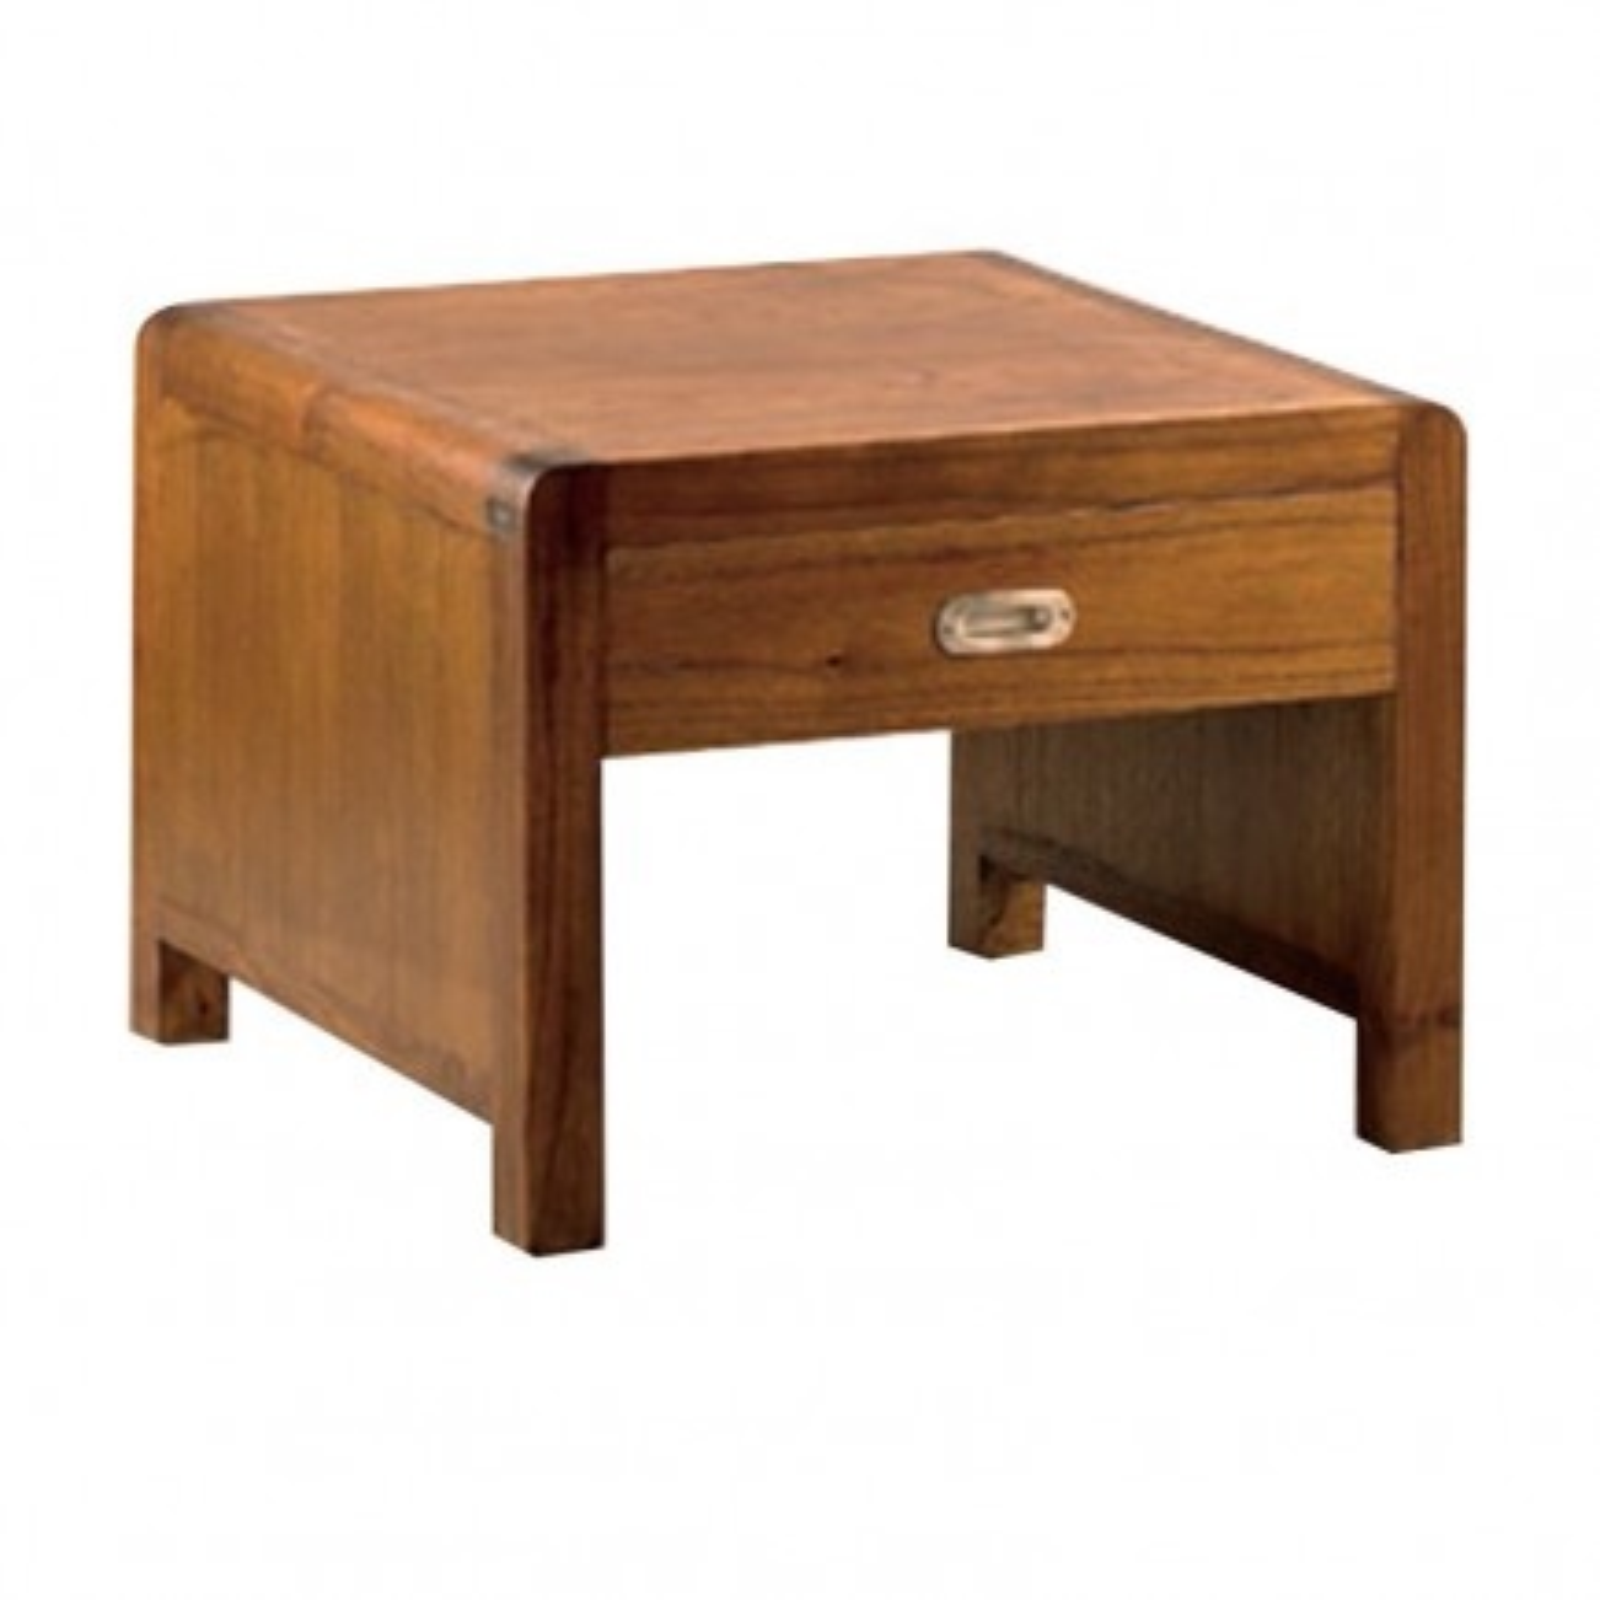 Bout de canapé Rétro Mindi Massif - meuble en bois exotique